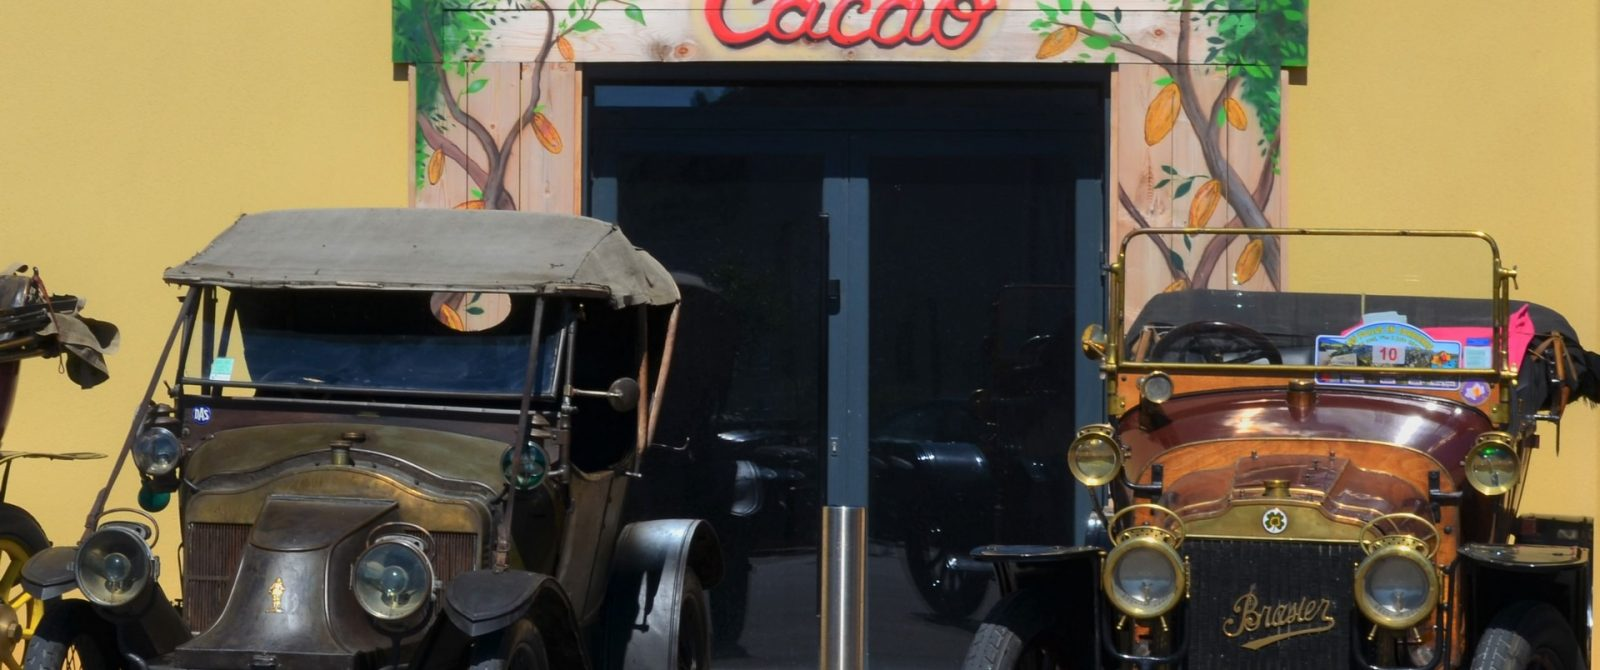 Les Chocolatiers cathares, Montredon des Corbières